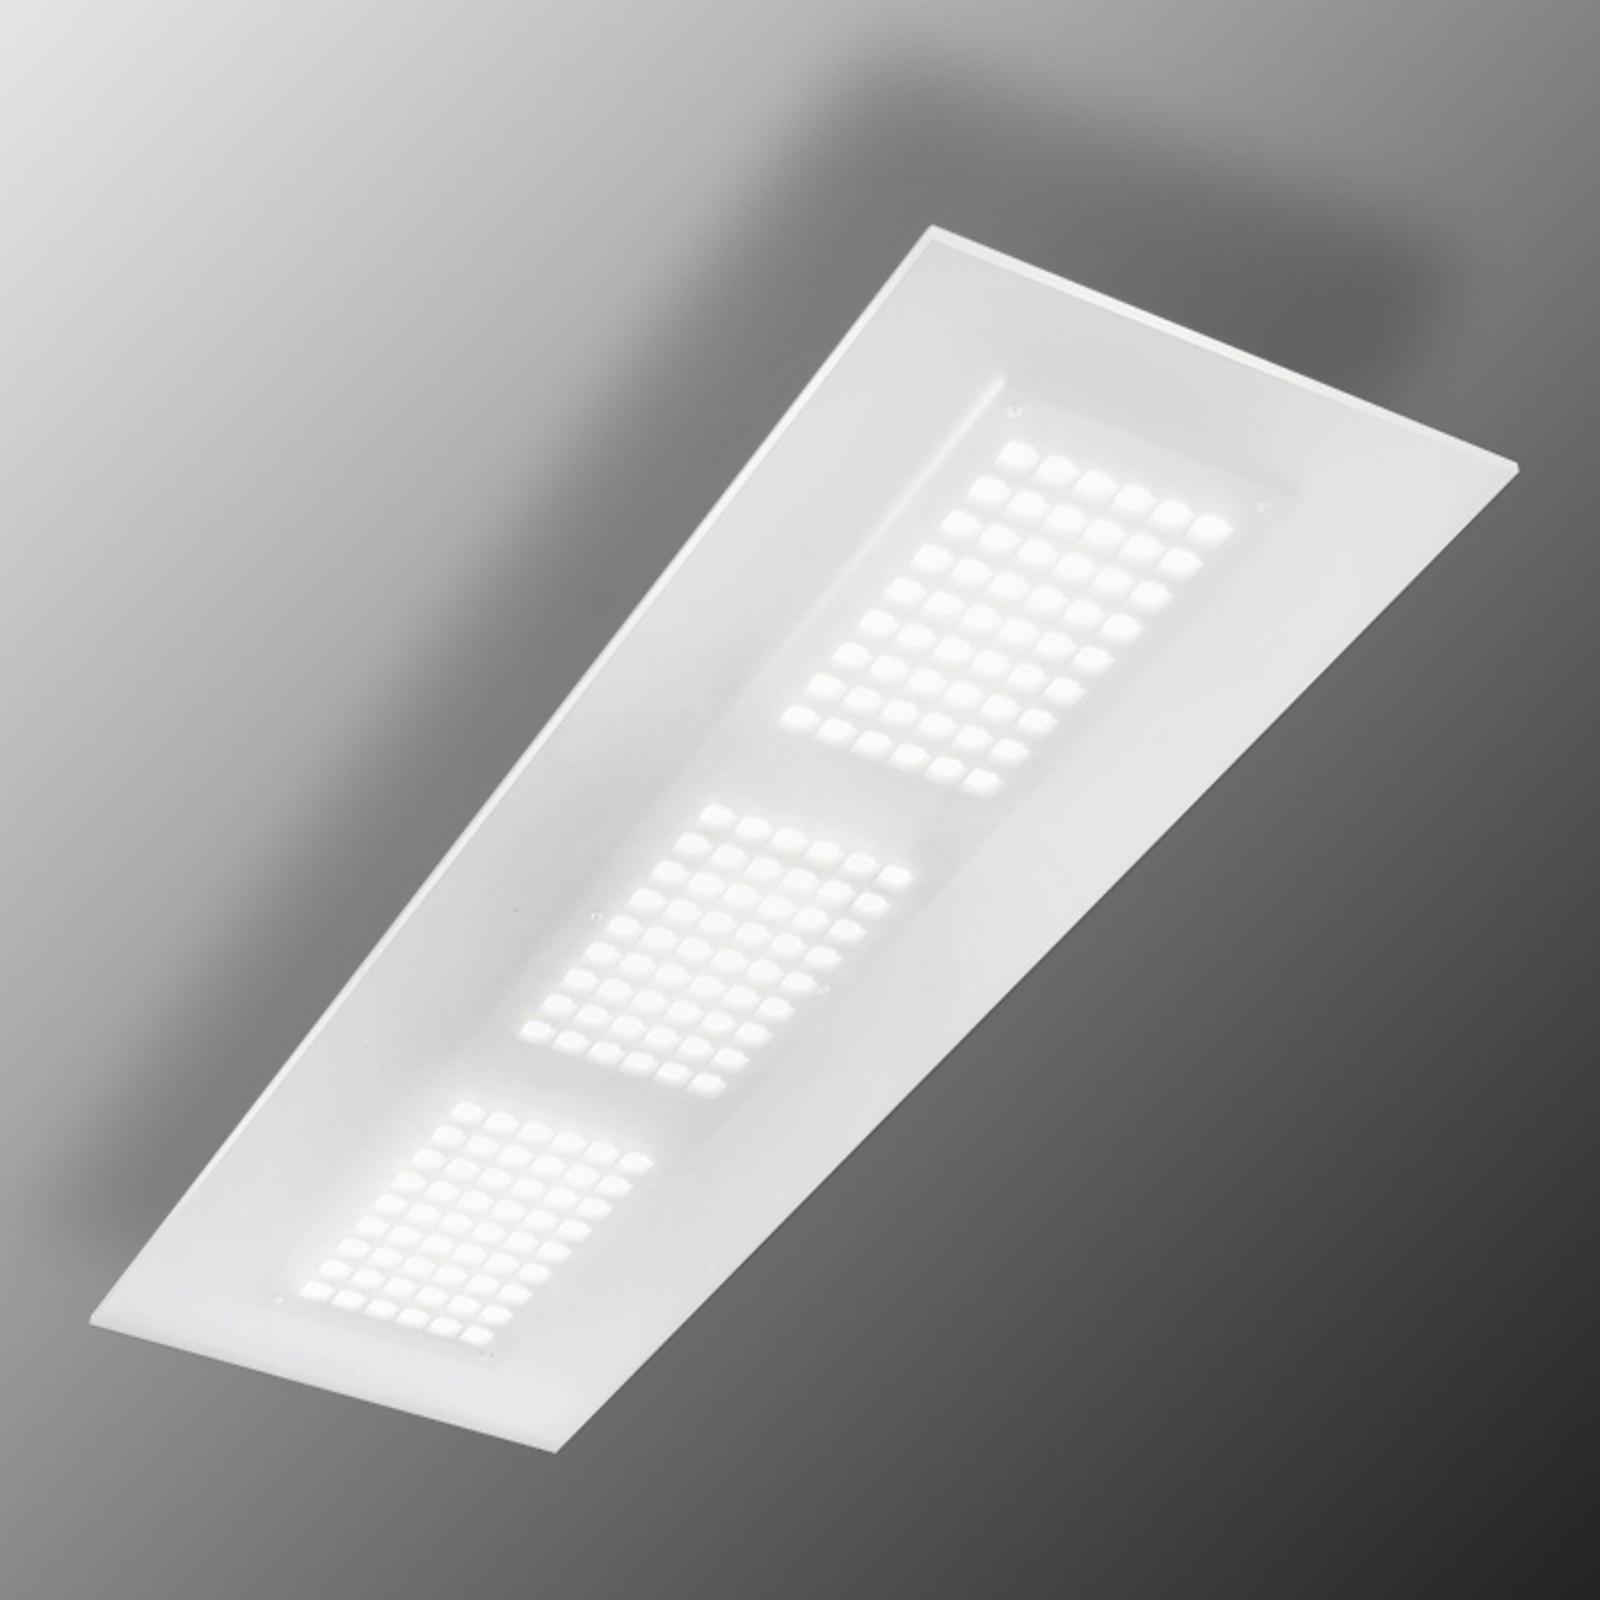 Leuchtstarke LED-Deckenlampe Dublight